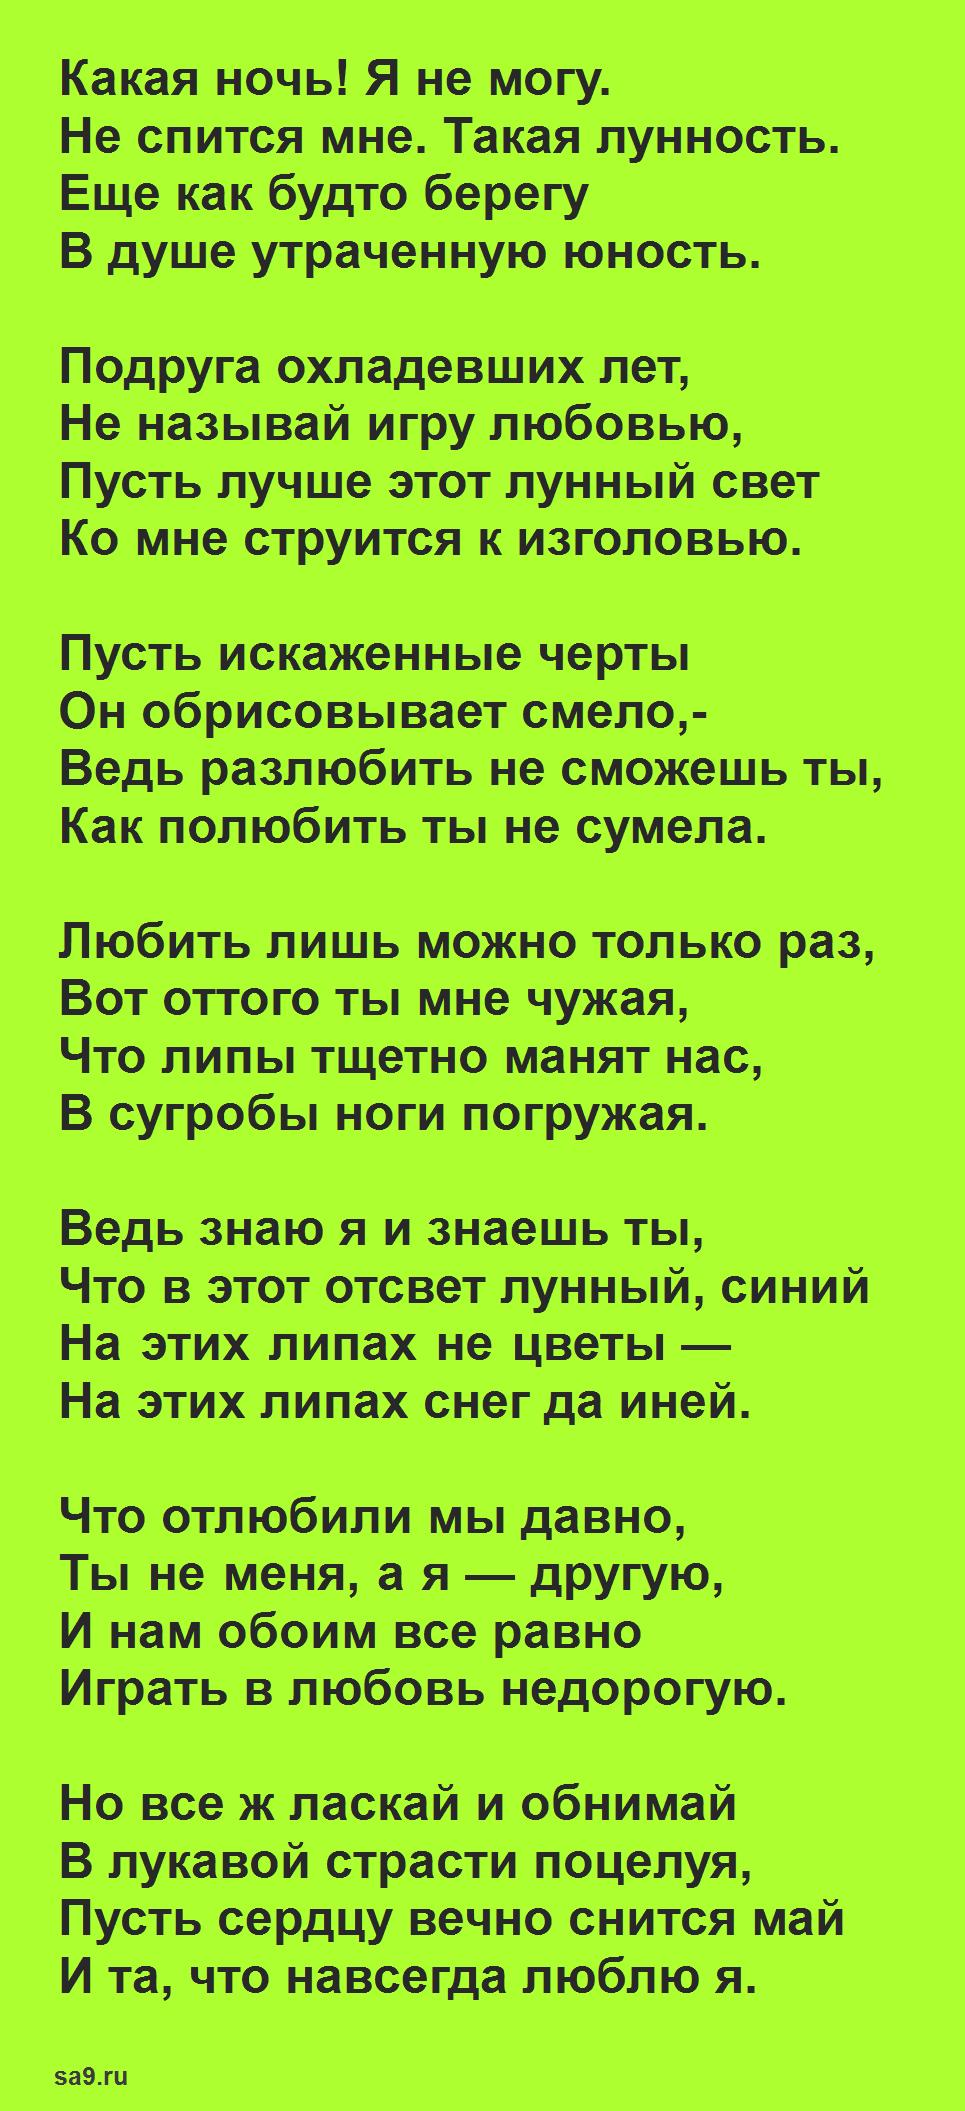 Стихи Есенина про любовь - Какая ночь я не могу